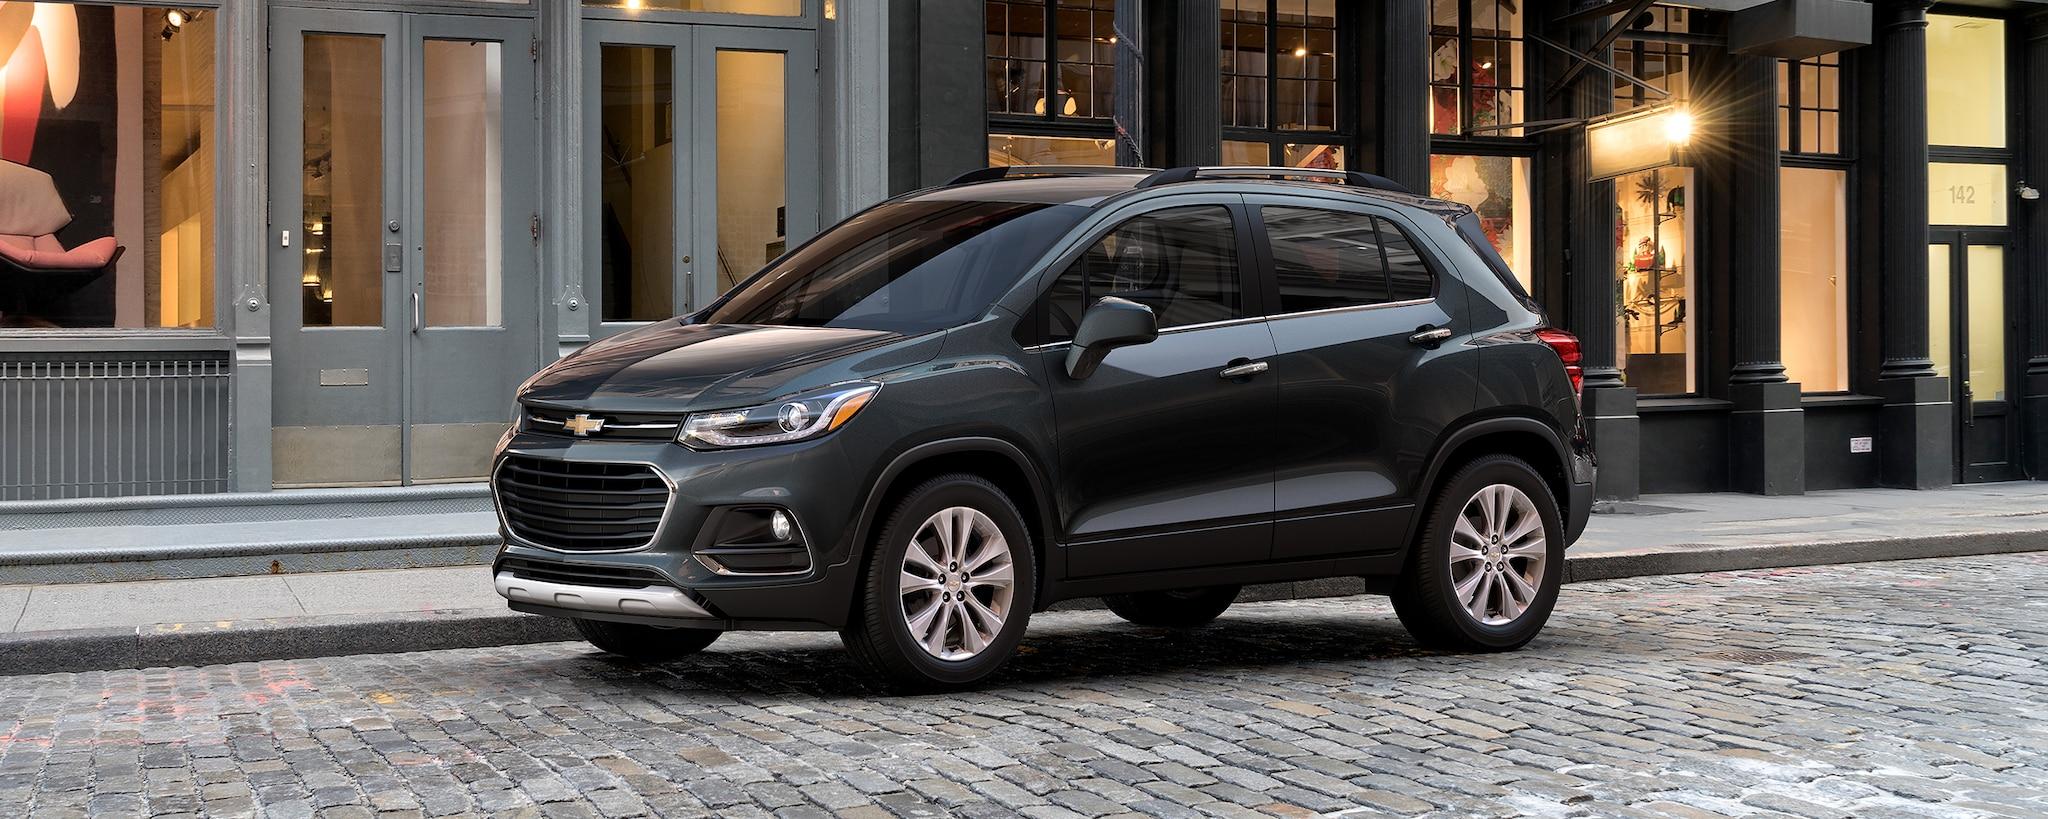 Vehículos comerciales de Chevrolet: SUV Trax compacta